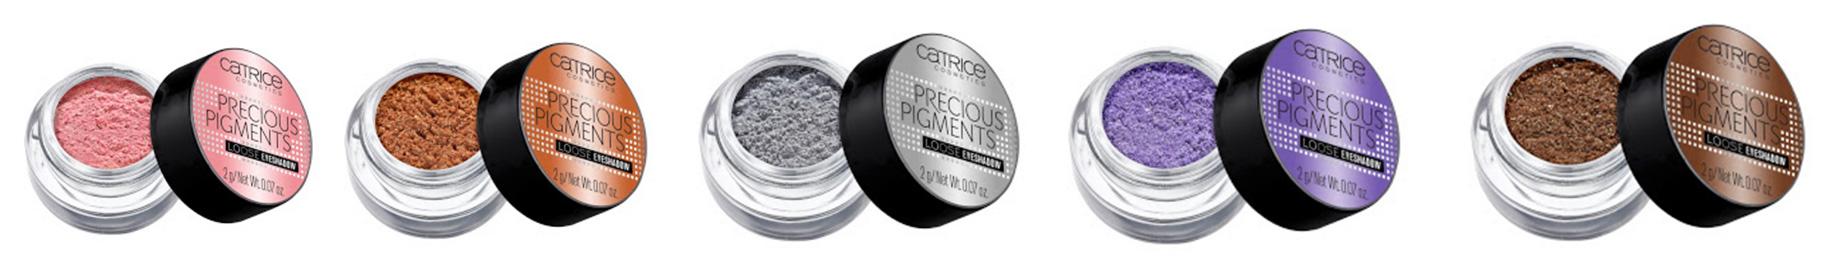 Catrice Sortimentswechsel Frühjahr/Sommer 2018 – Neue Produkte